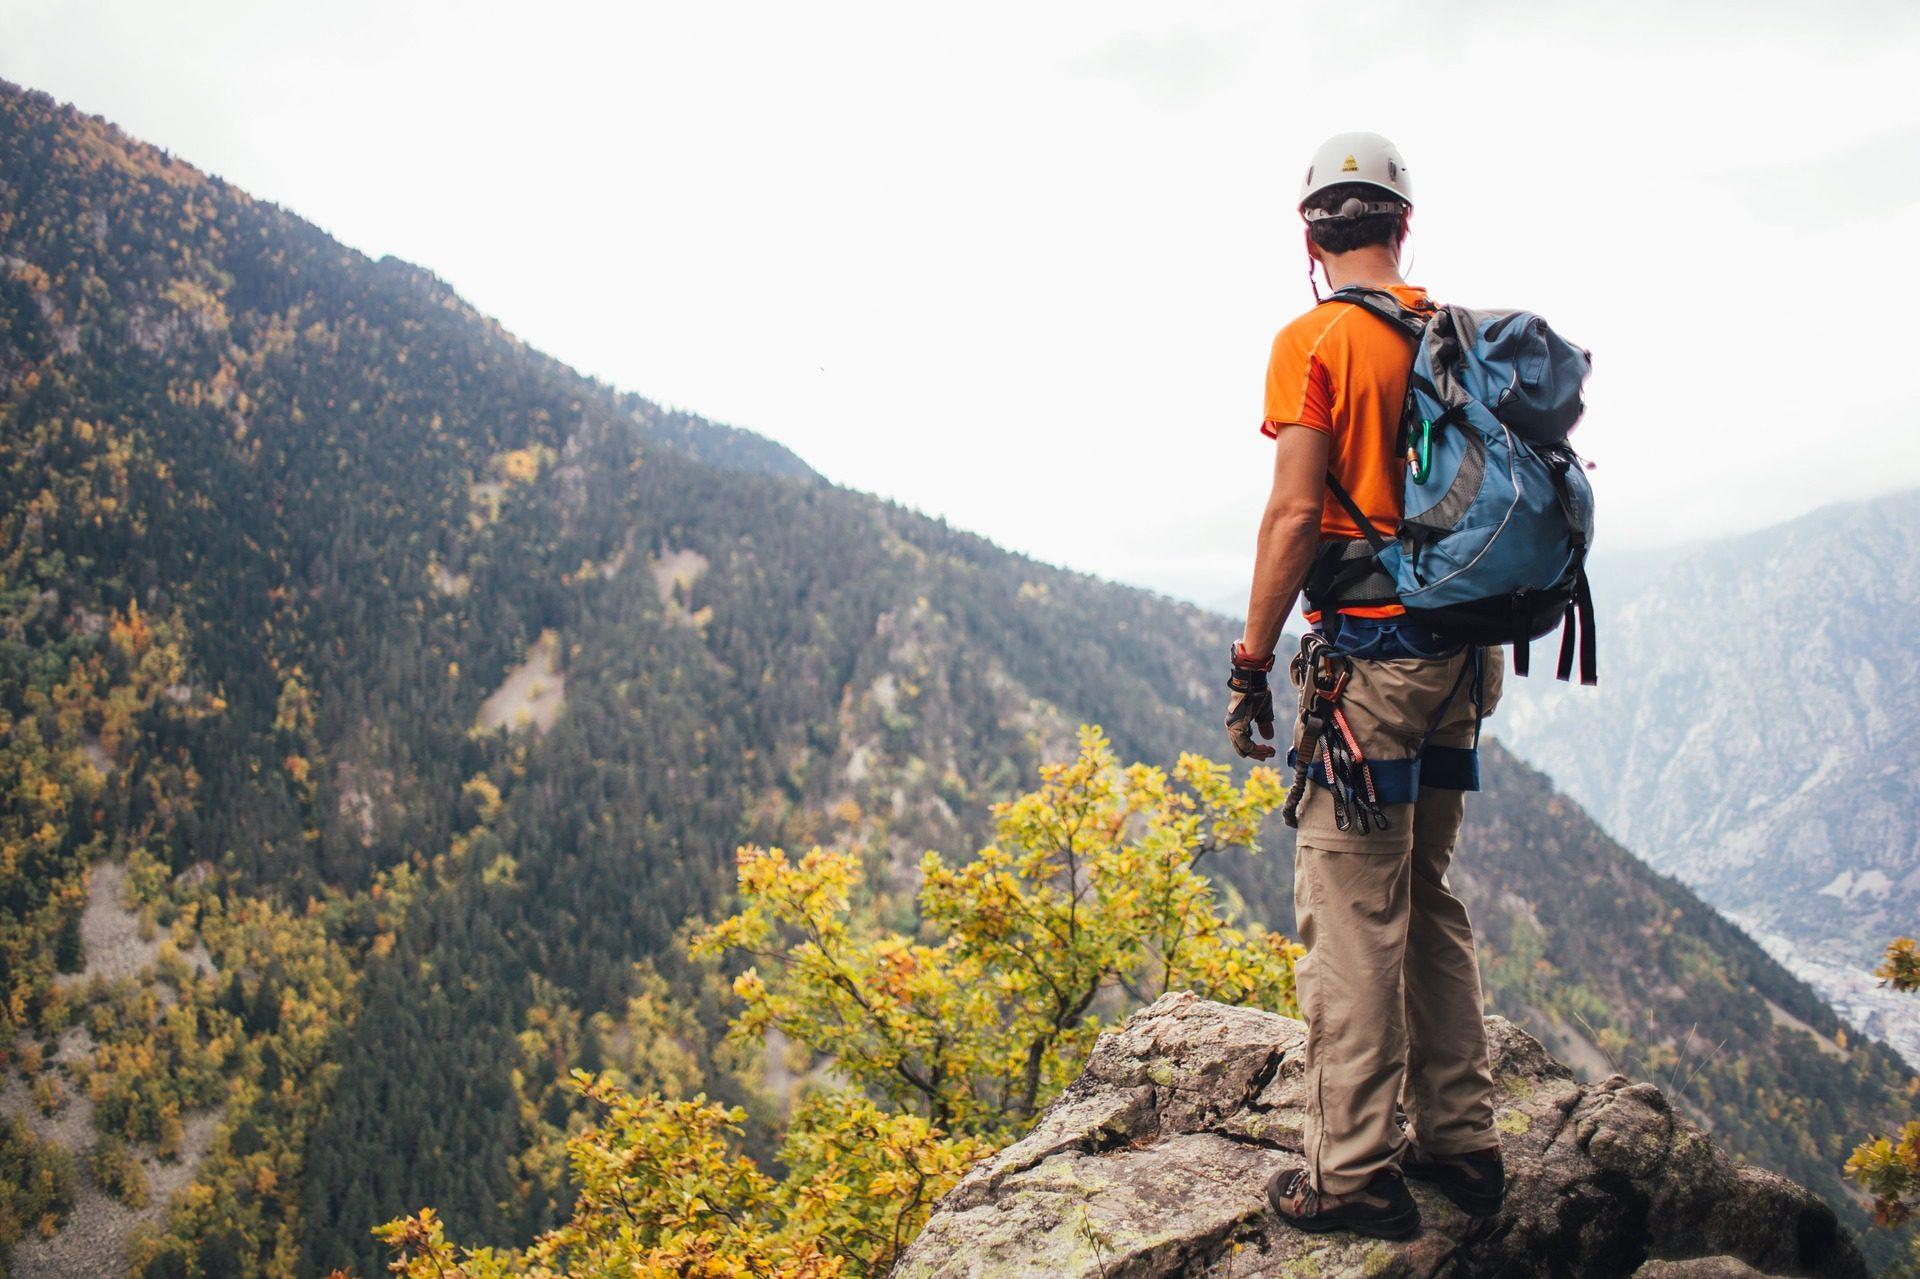 Montañas, Wanderer, alpinista, Bergsteiger, Team, Bäume - Wallpaper HD - Prof.-falken.com